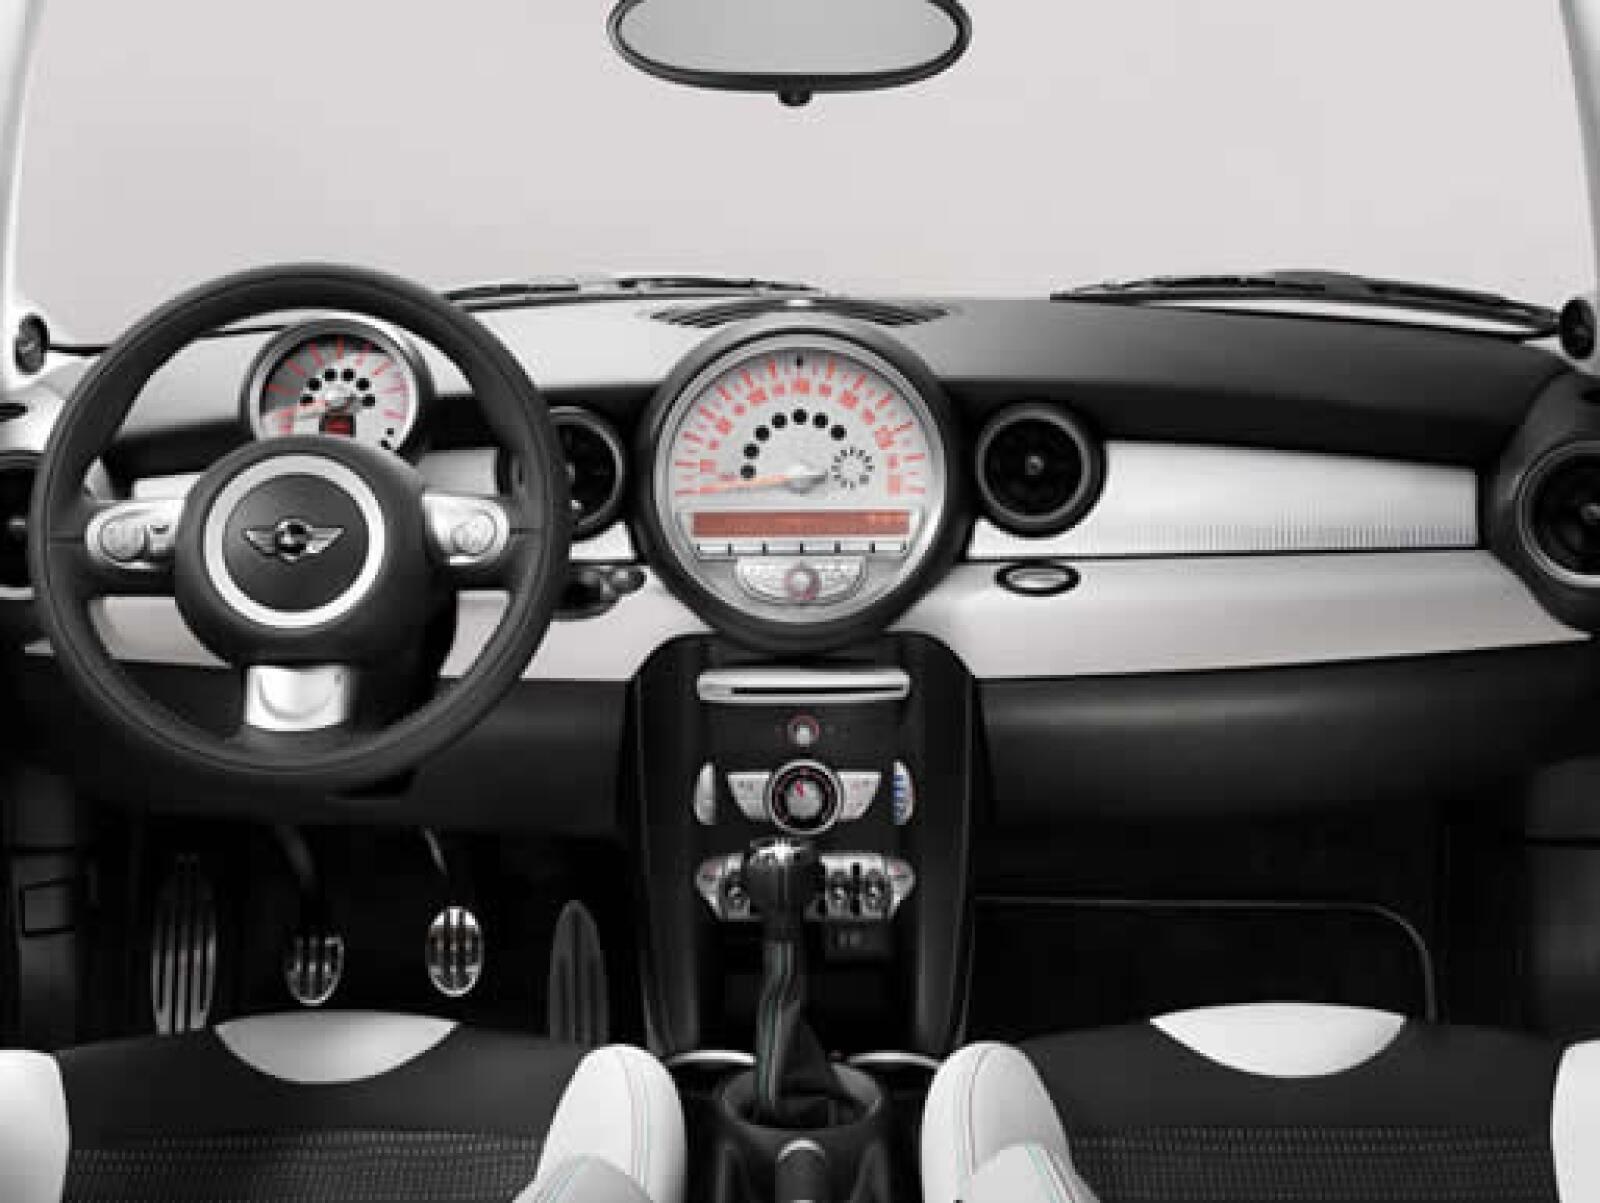 El Mini 50 Candem tiene asientos de piel bicolor con detalles conmemorativos al aniversario.